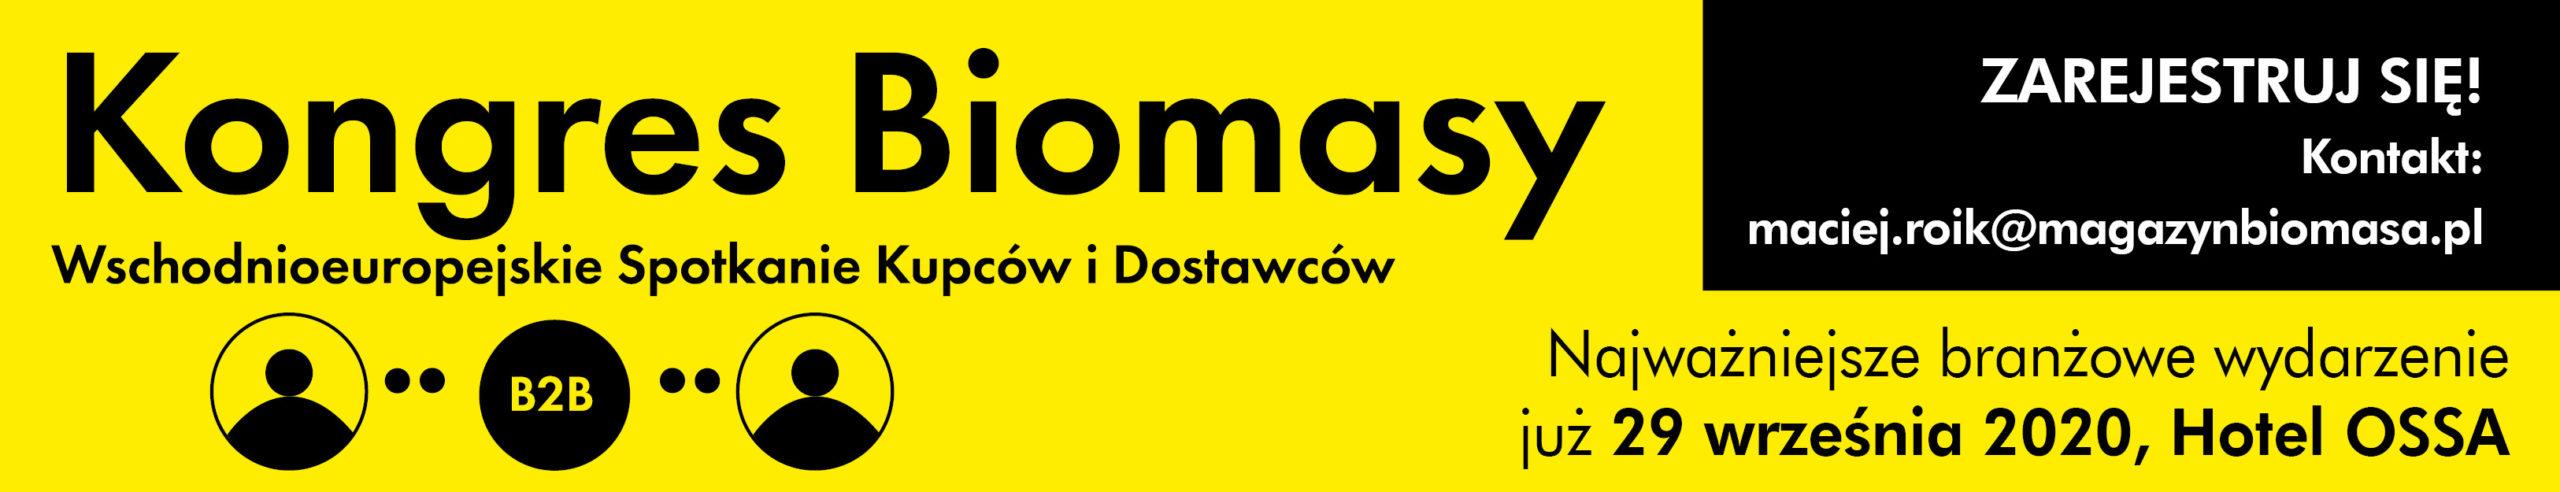 Kongres Biomasy